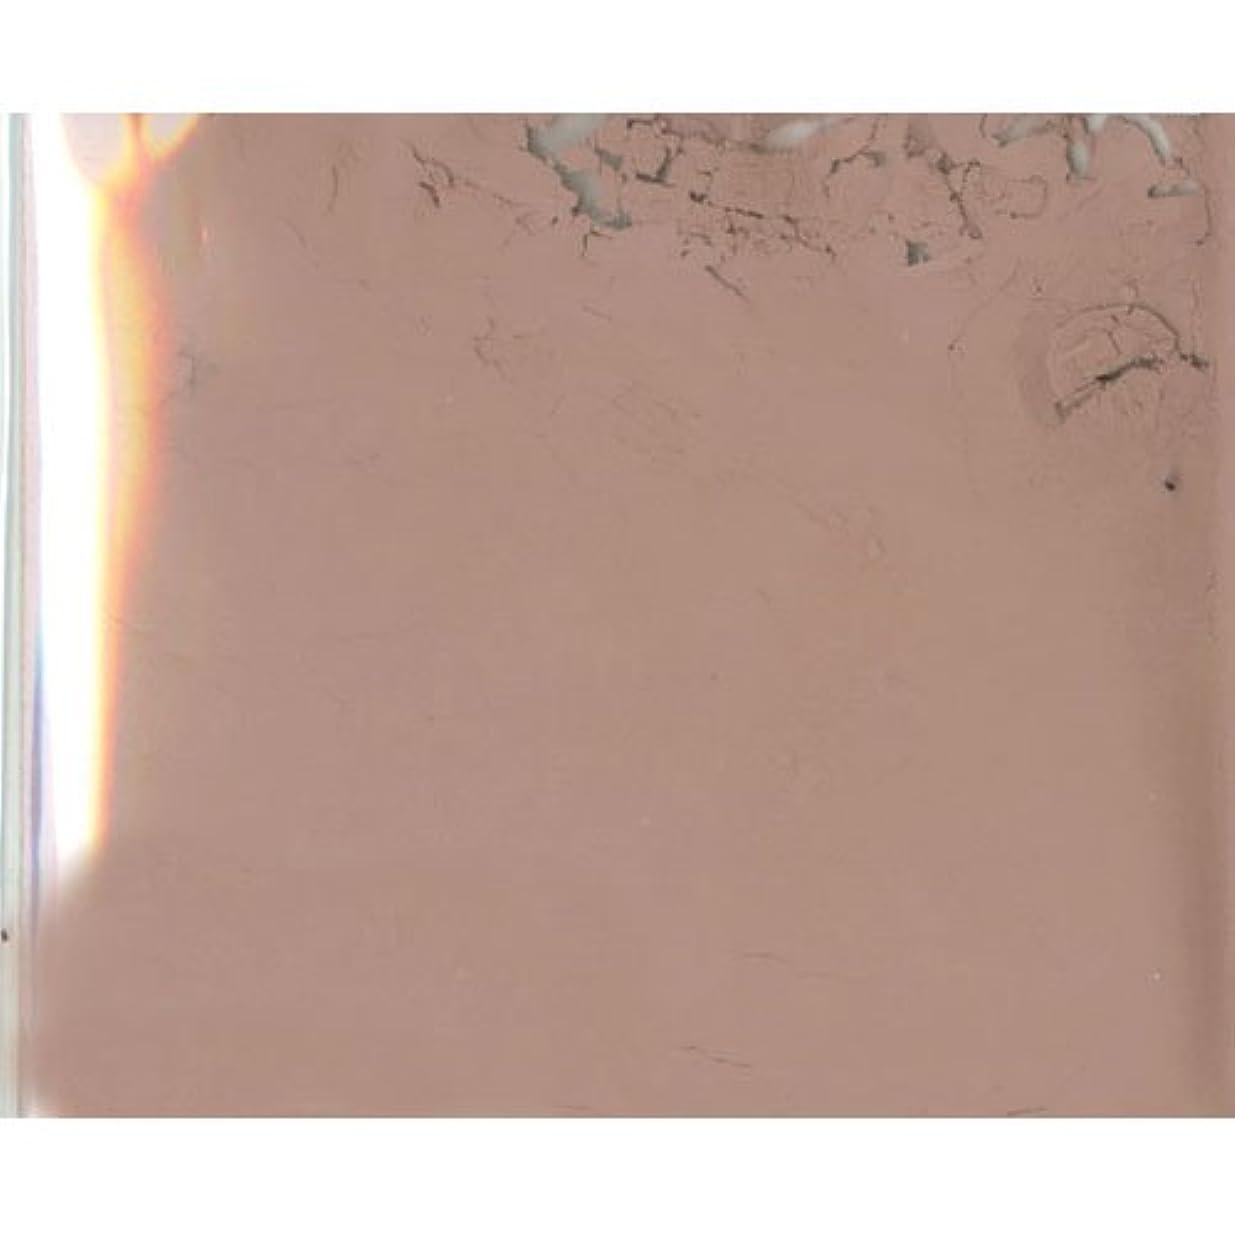 勤勉な従来の乳ピカエース ネイル用パウダー ピカエース カラーパウダー 透明顔料 #985 チョコレートブラウン 2g アート材